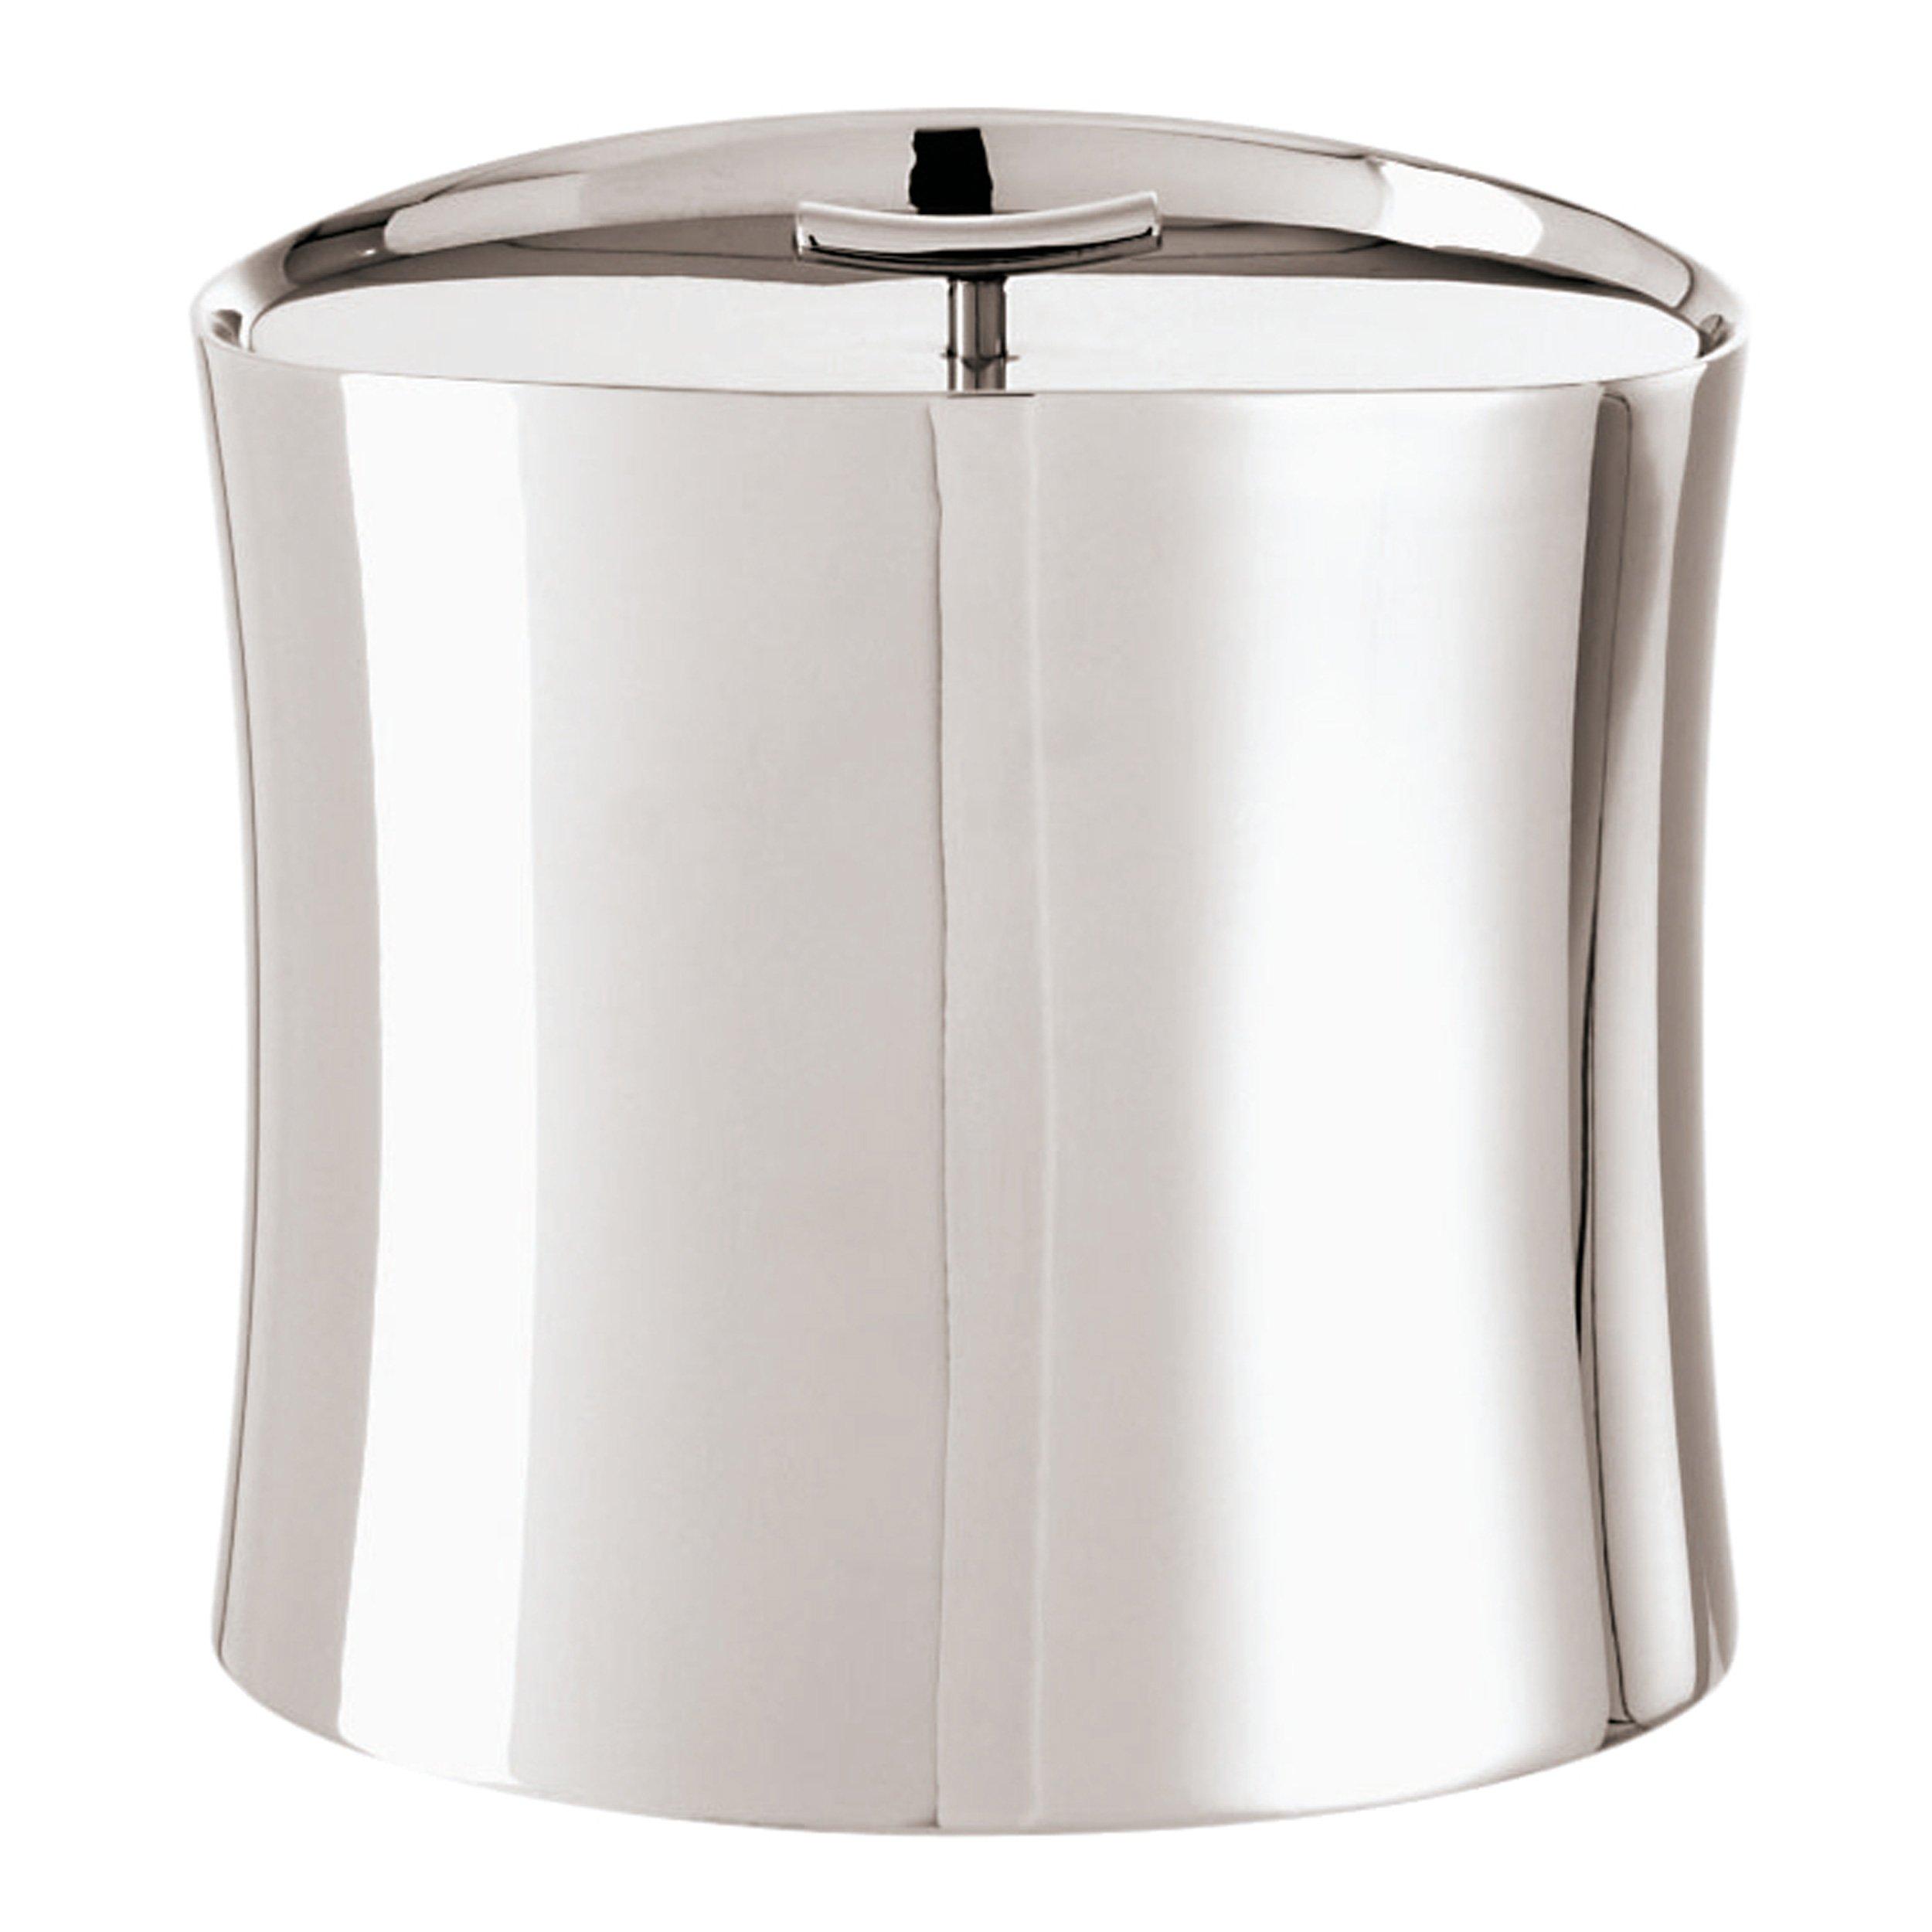 Sambonet Bamboo Insulated Ice Bucket Holloware Stainless Steel - 5.6''H